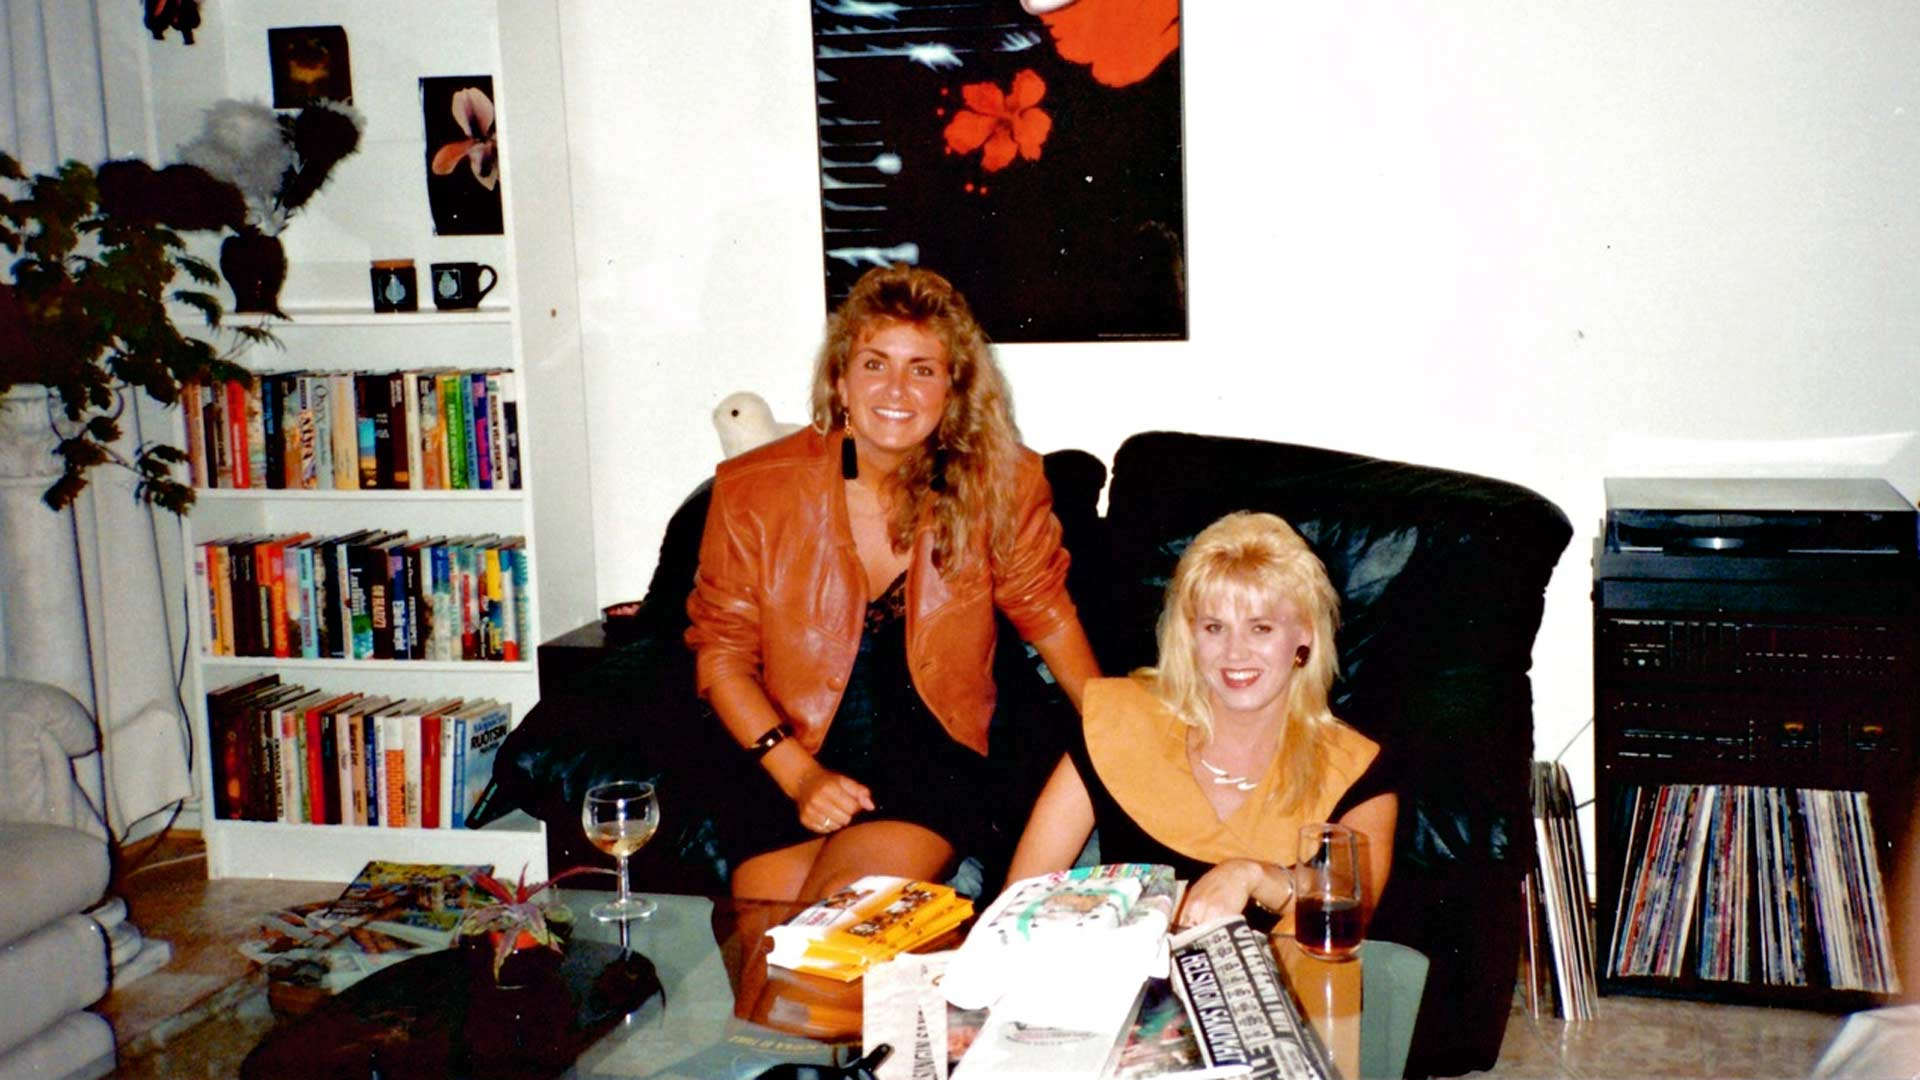 Lea Saukkonen ja Pia Vehviläinen lähdössä baanalle kultaisella 80-luvulla Helsingissä, vuosina 1983 ja 1985.